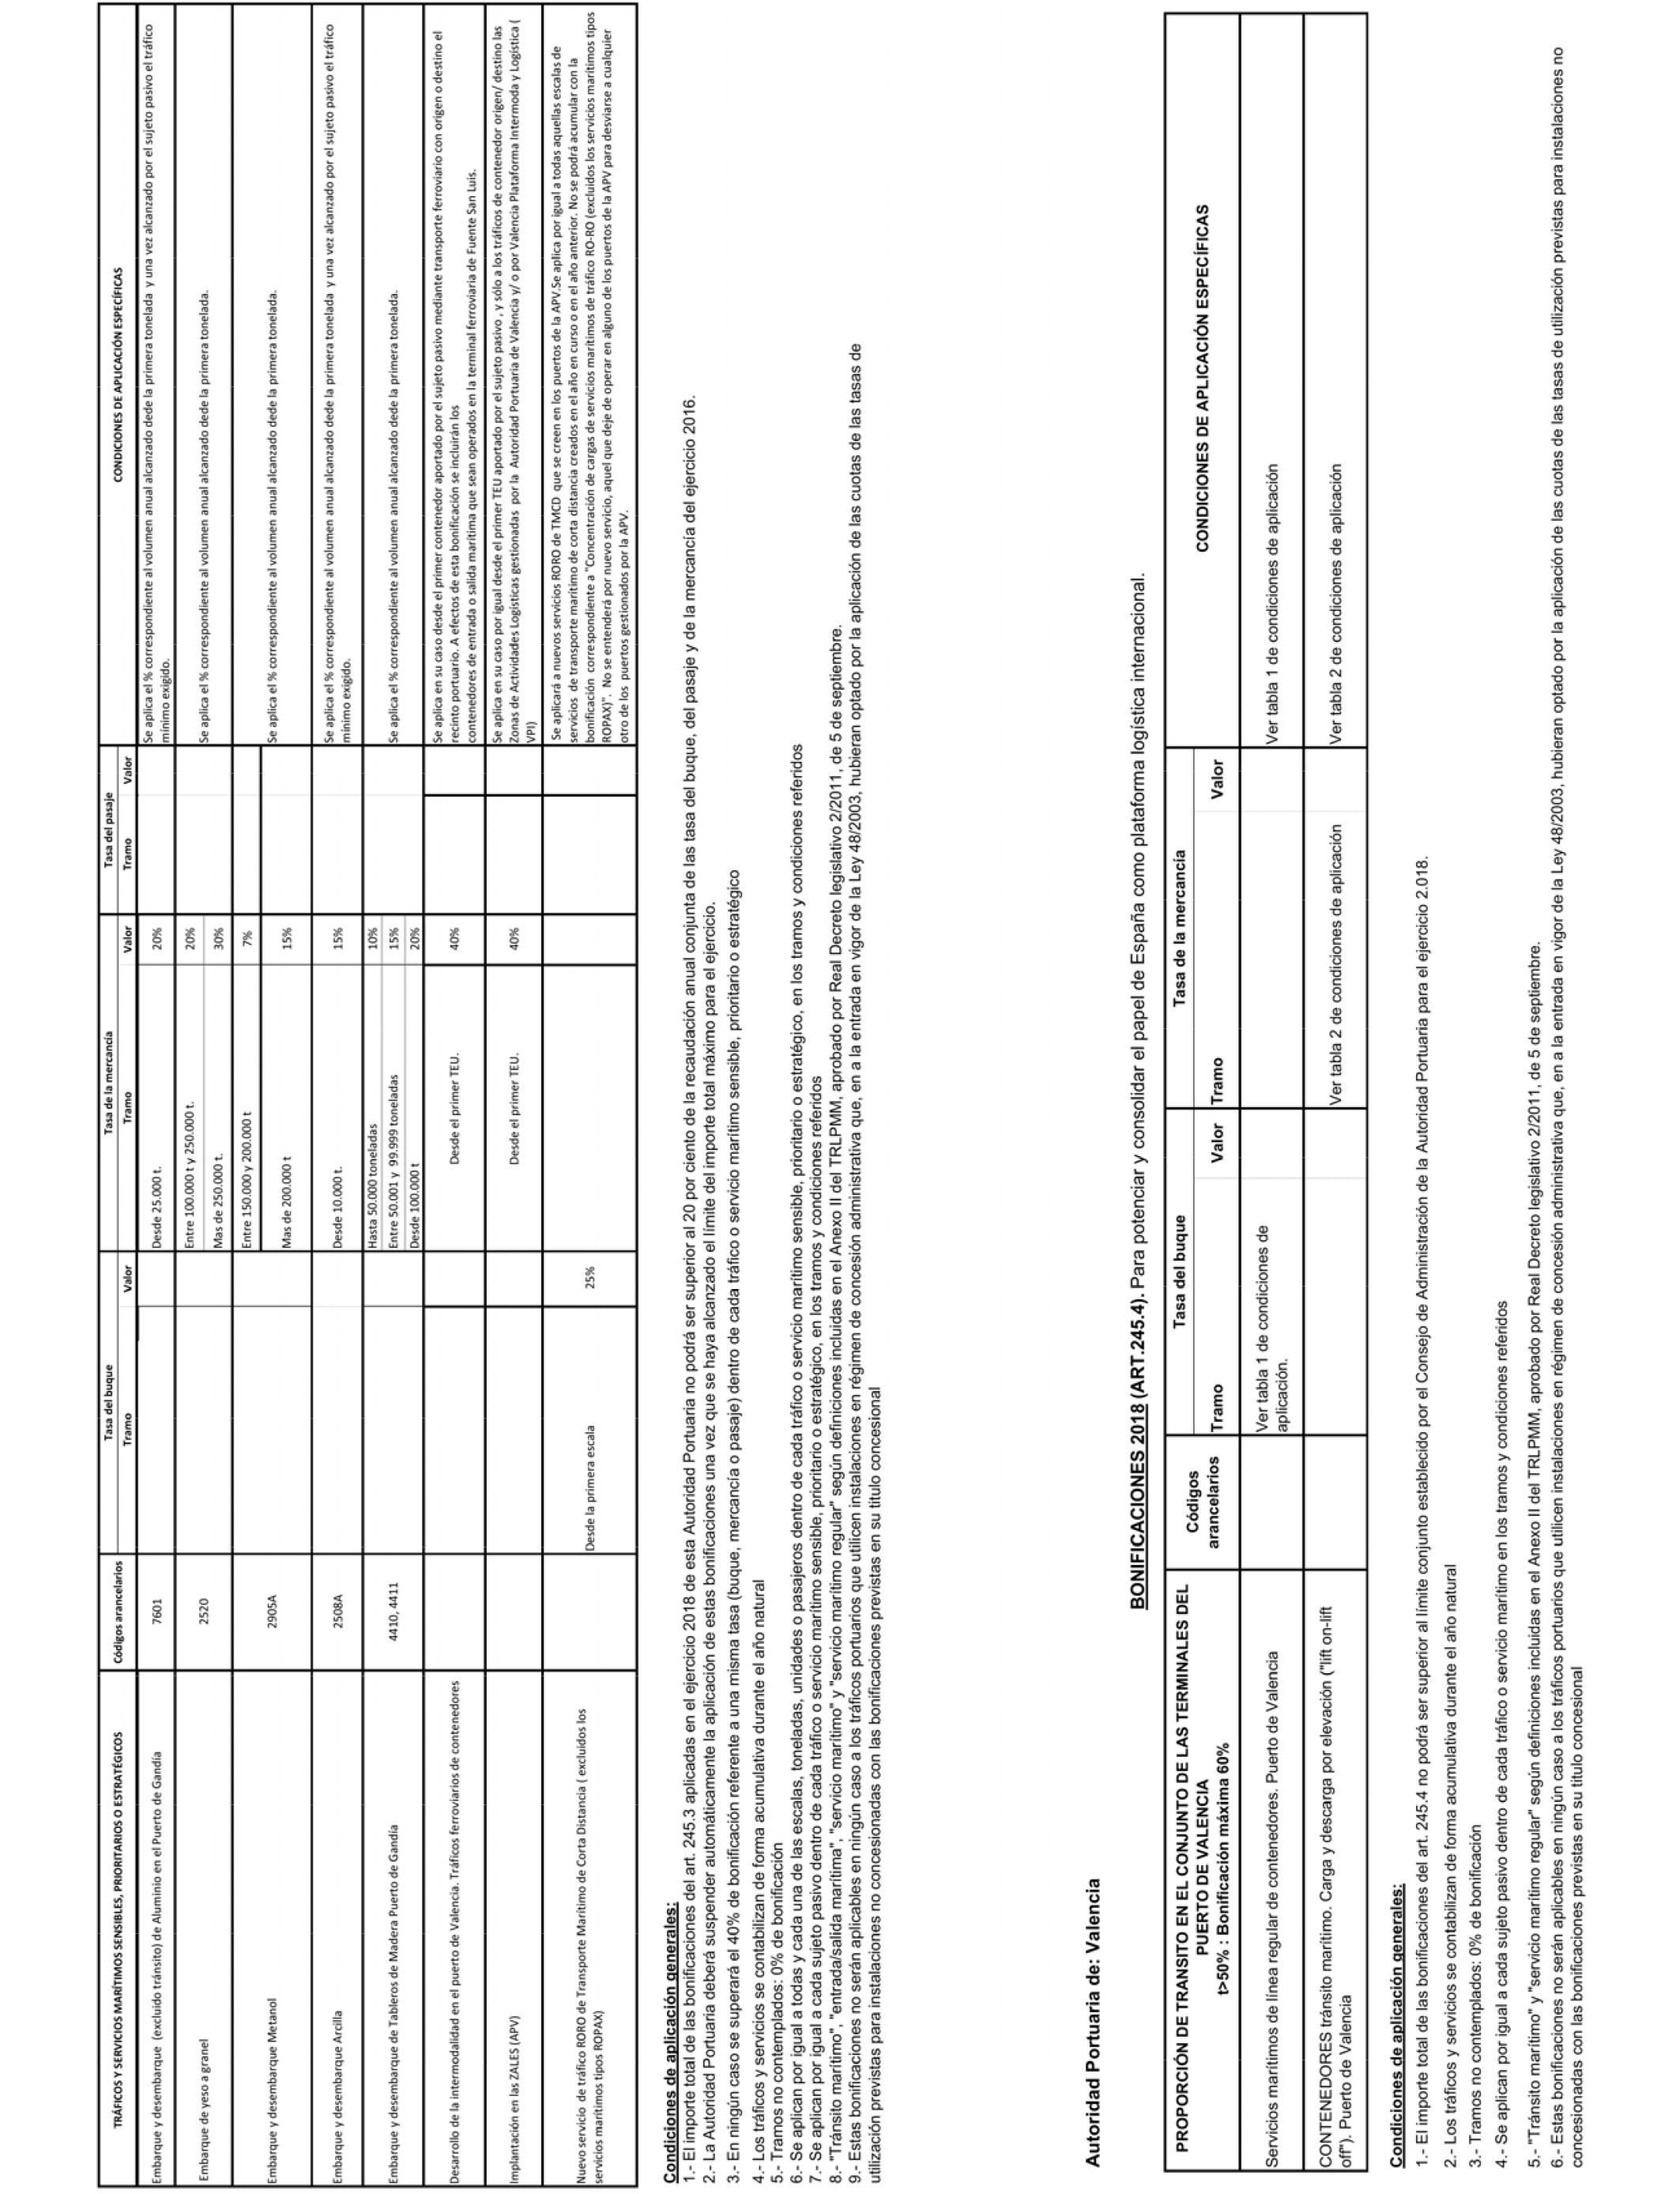 Calendario Escolar 2019 Illes Balears Más Recientemente Liberado Boe Documento Consolidado Boe A 2018 9268 Of Calendario Escolar 2019 Illes Balears Recientes Boe Documento Consolidado Boe A 2018 9268